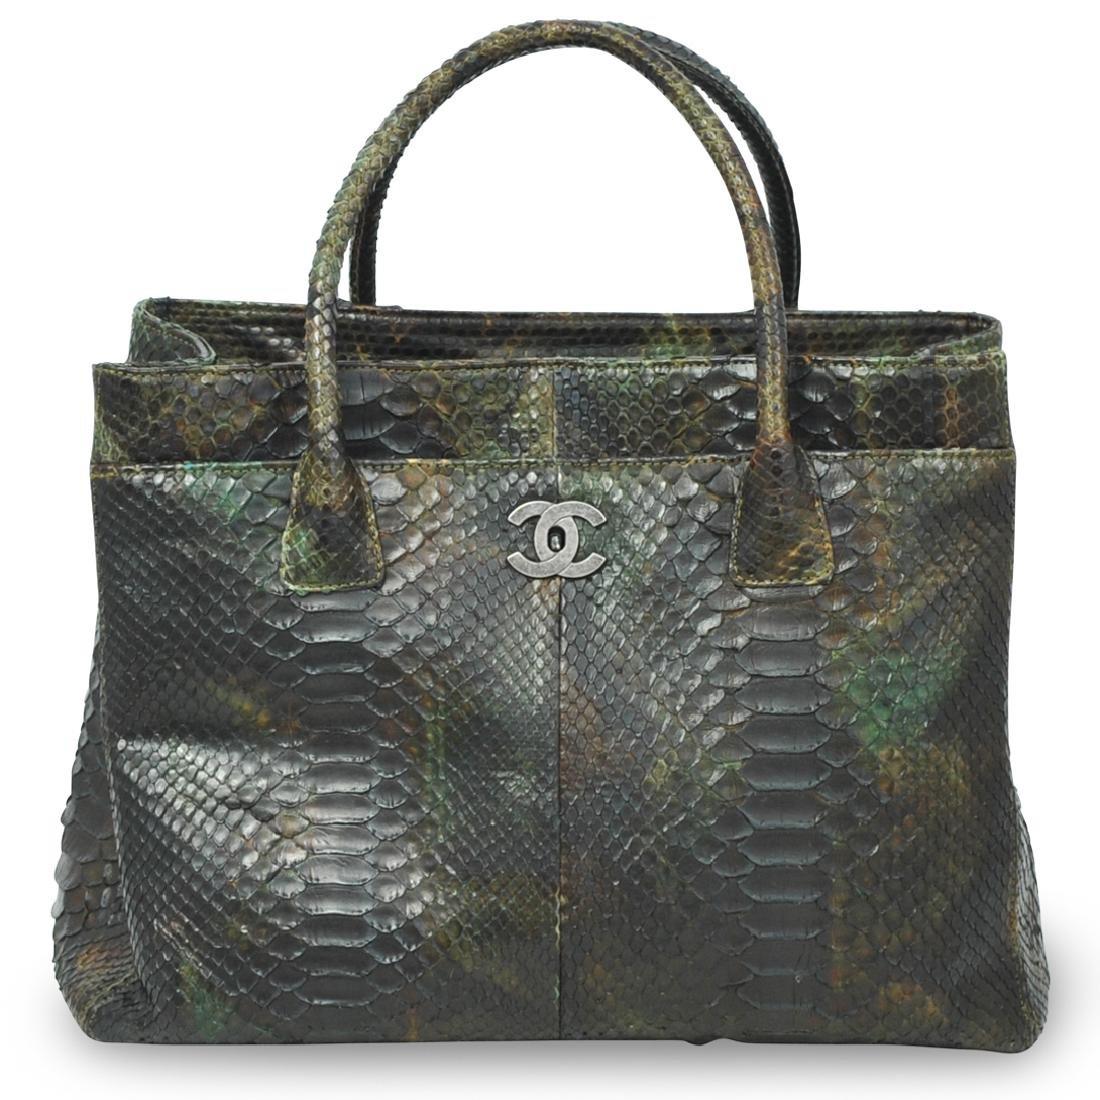 Chanel Python Bag